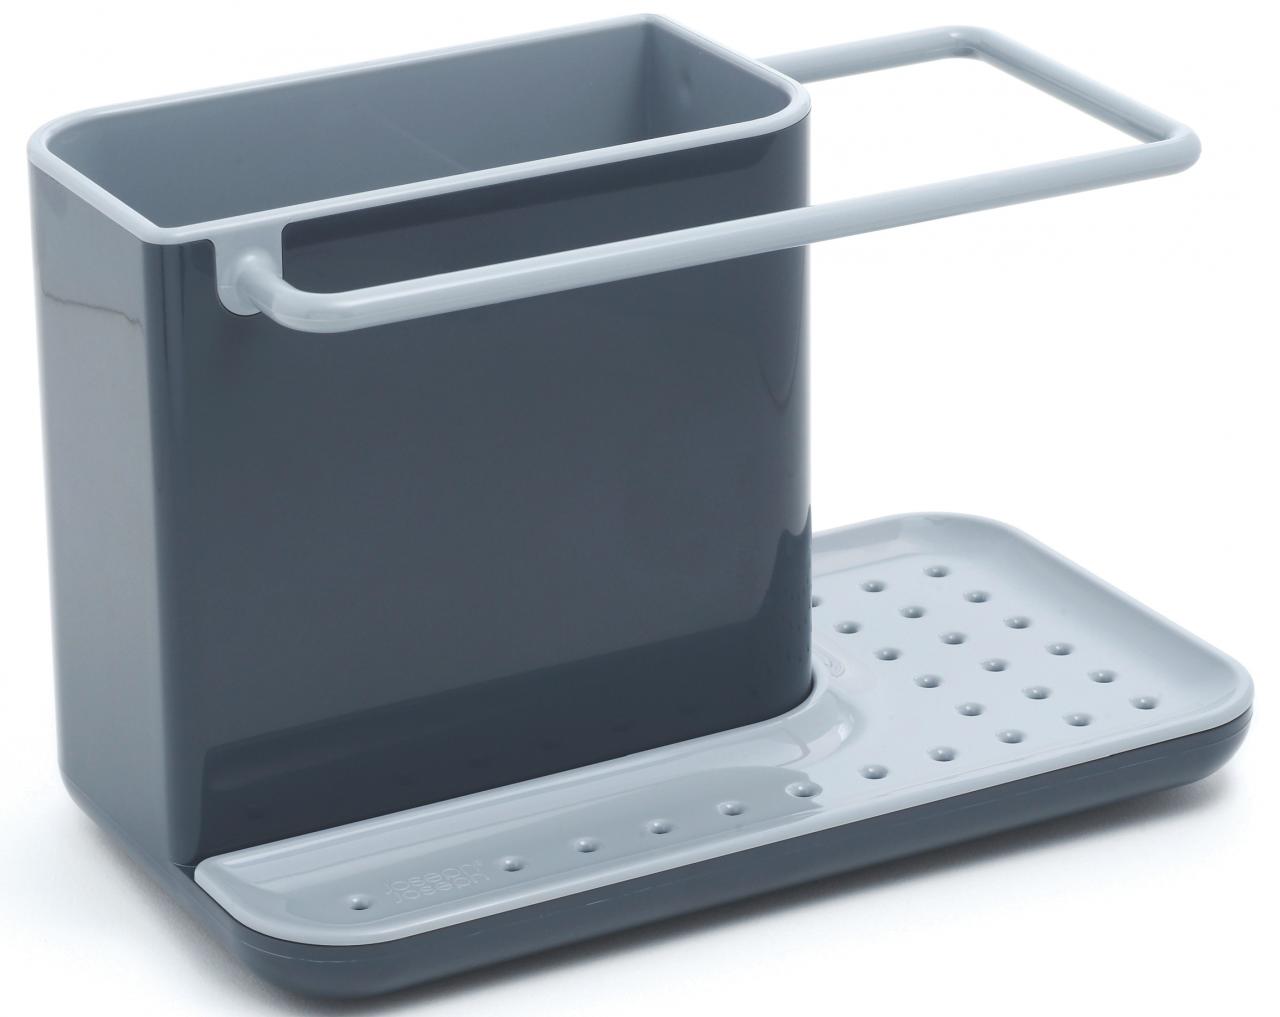 Sink Caddy schwarz/grau 21x13cm